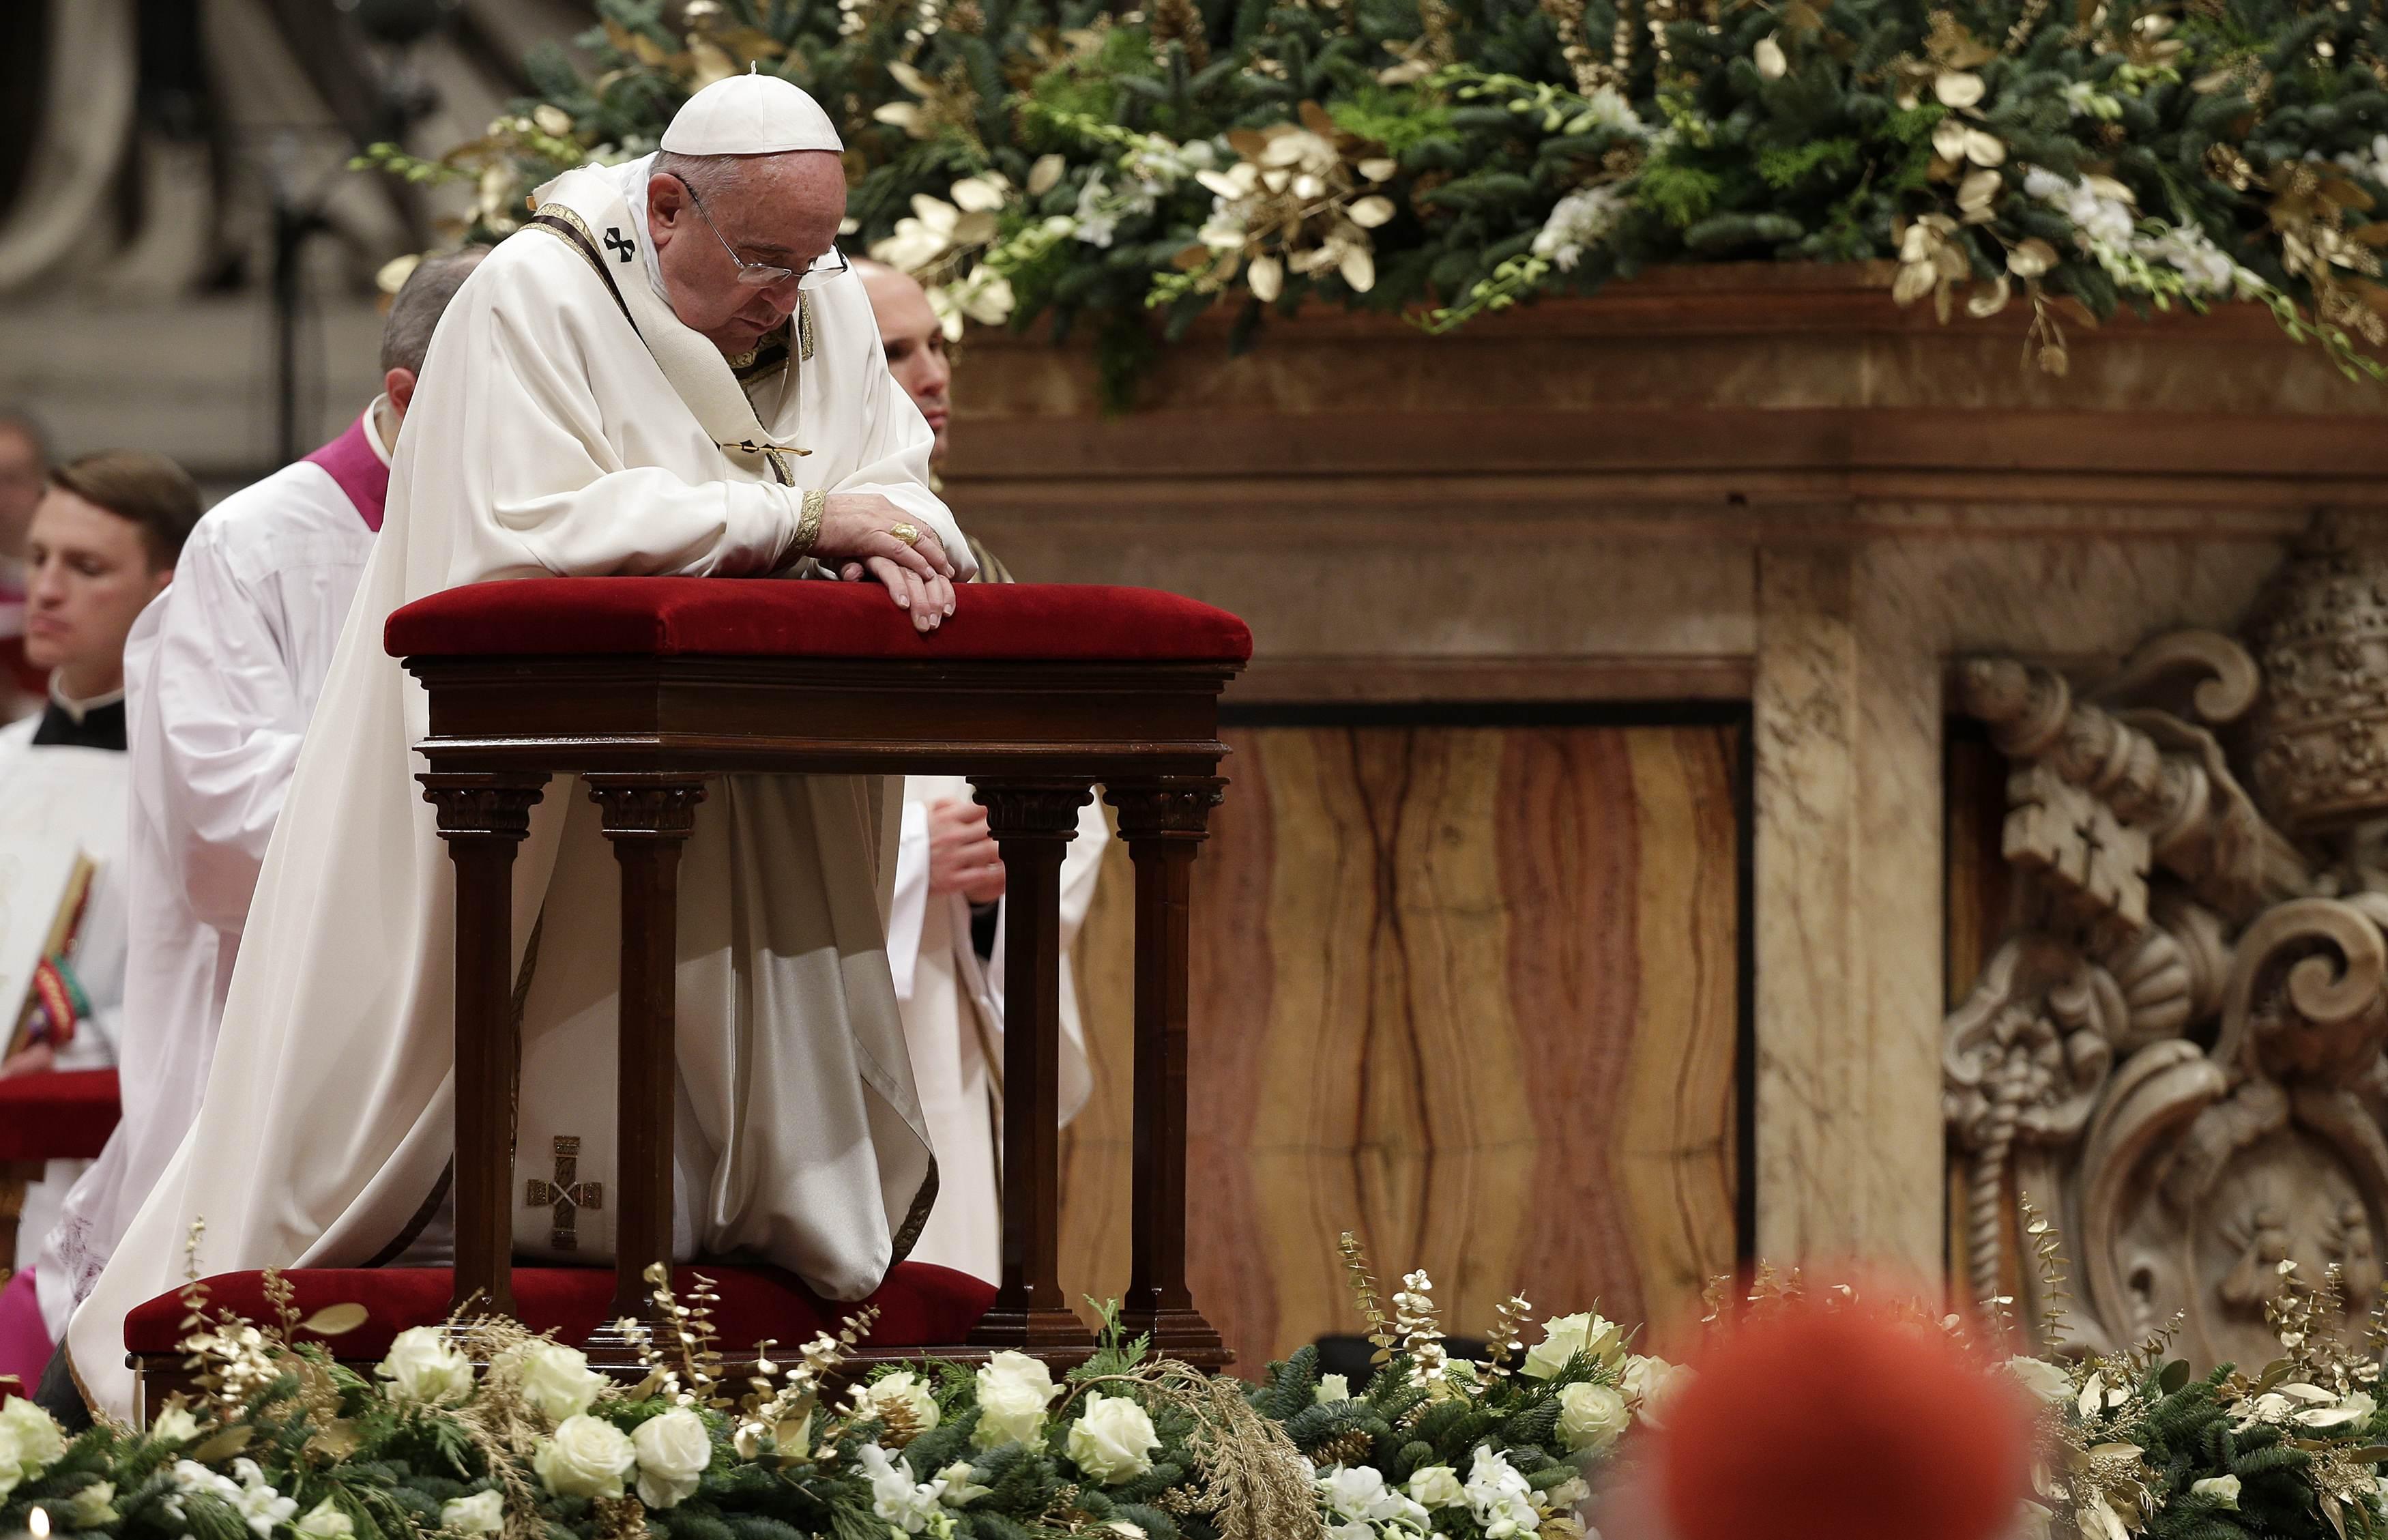 рождественские поздравления папы римского другом варианте